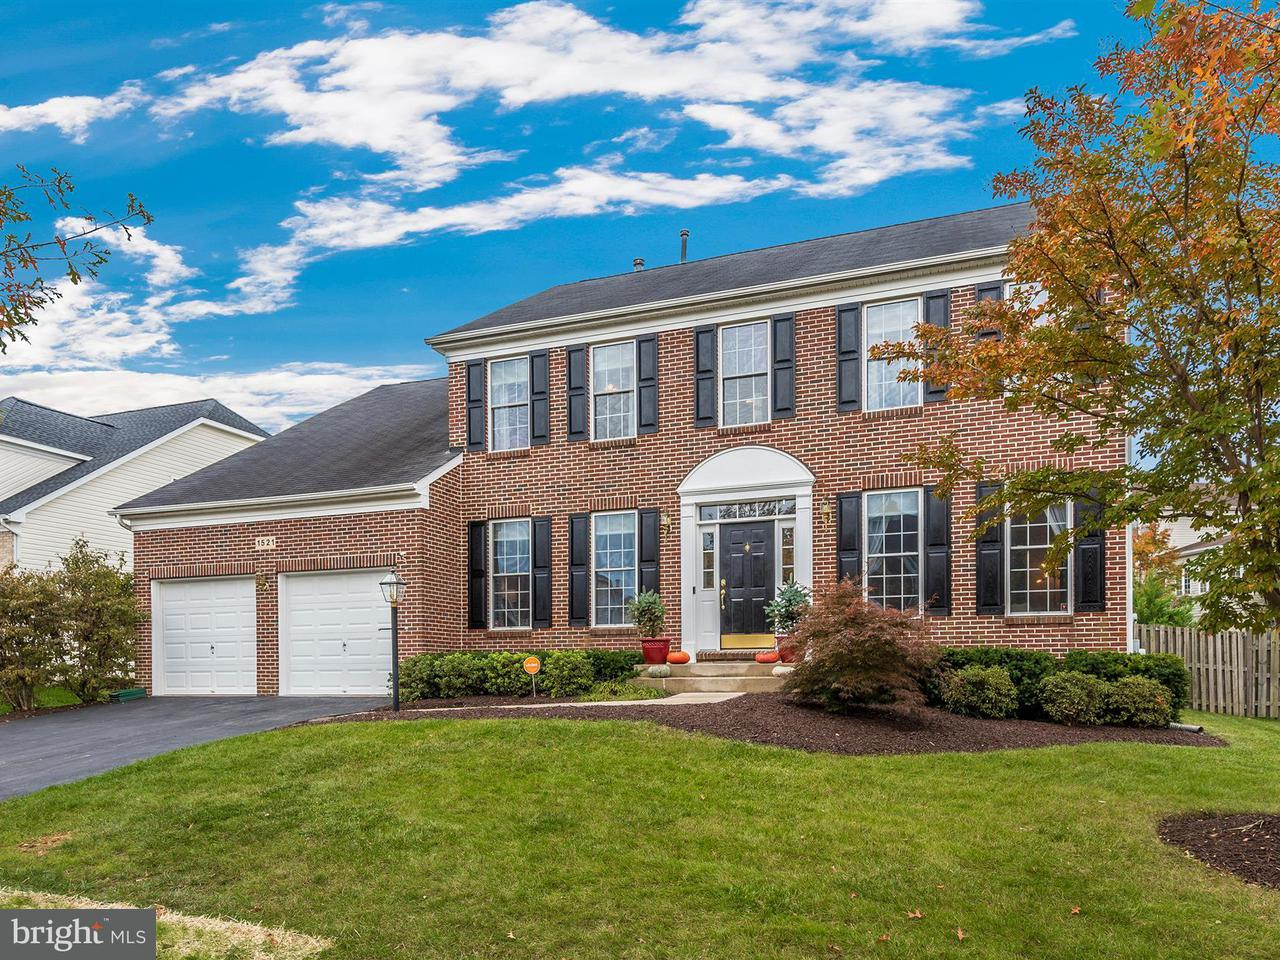 Maison unifamiliale pour l Vente à 1521 STAR STELLA Drive 1521 STAR STELLA Drive Odenton, Maryland 21113 États-Unis